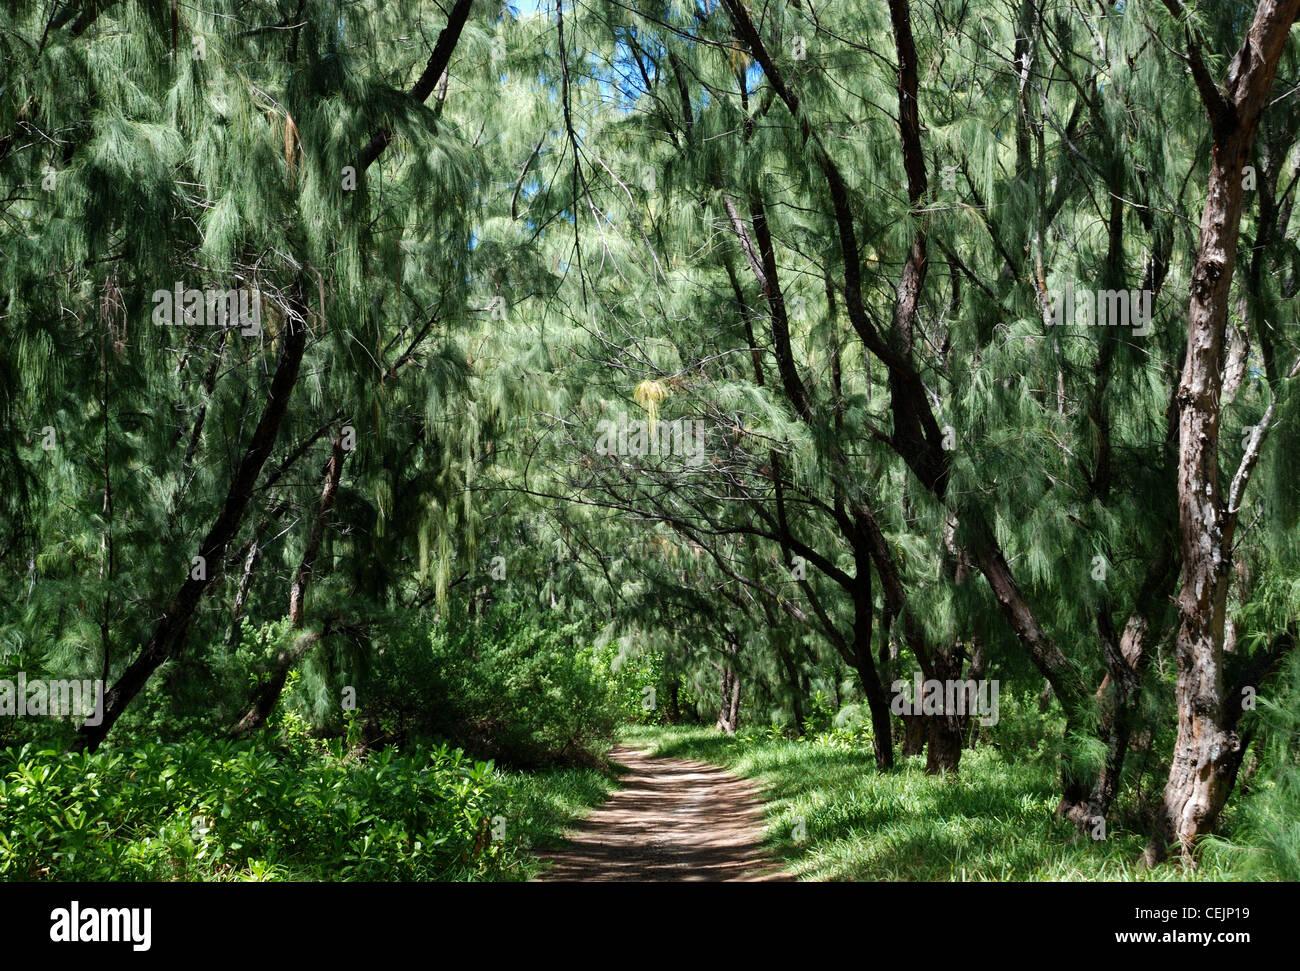 Casuarina trees at Ile aux Cerfs. Mauritius. - Stock Image